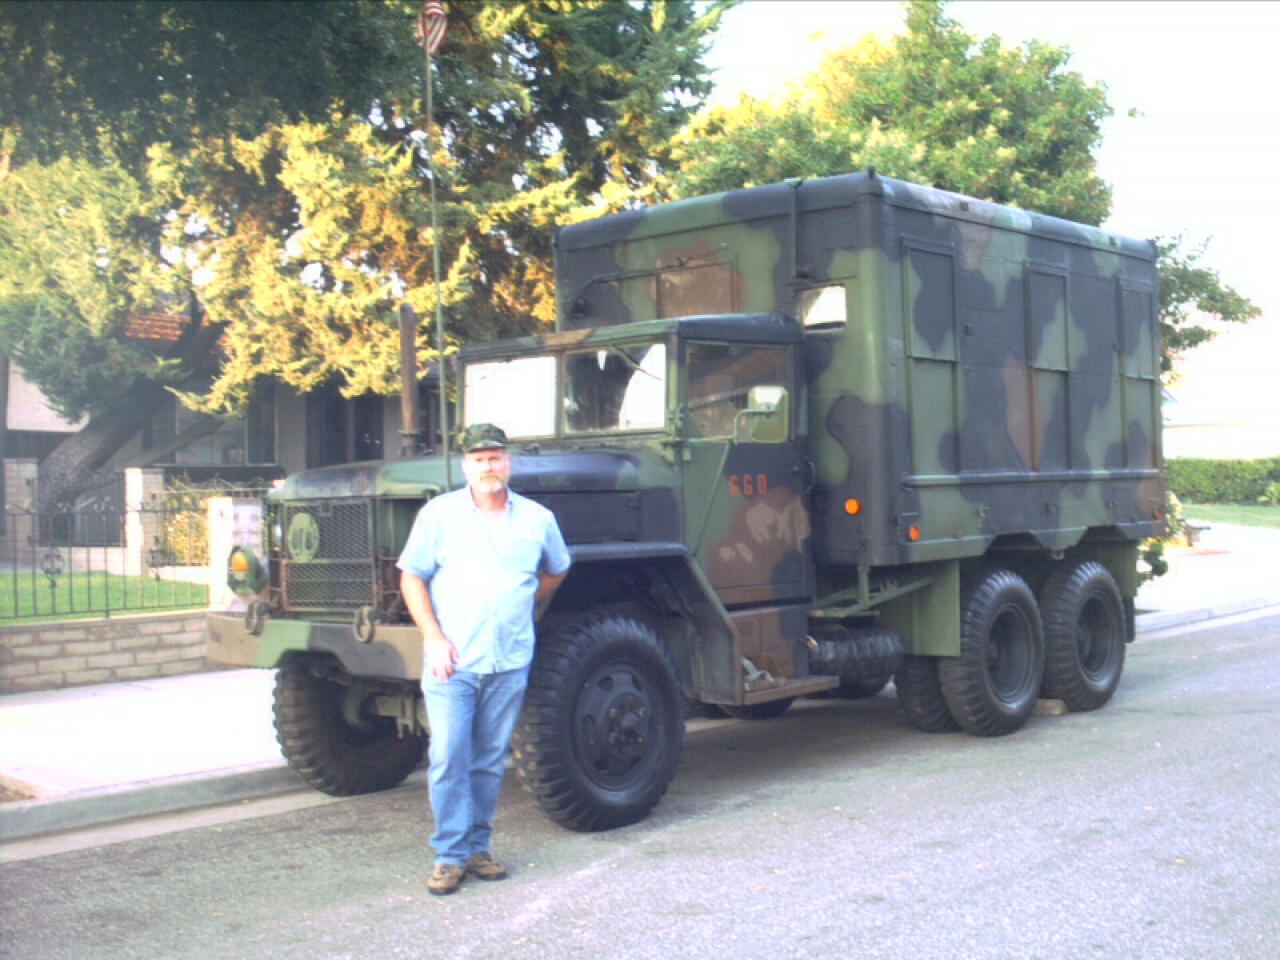 M109a3 shop van for sale